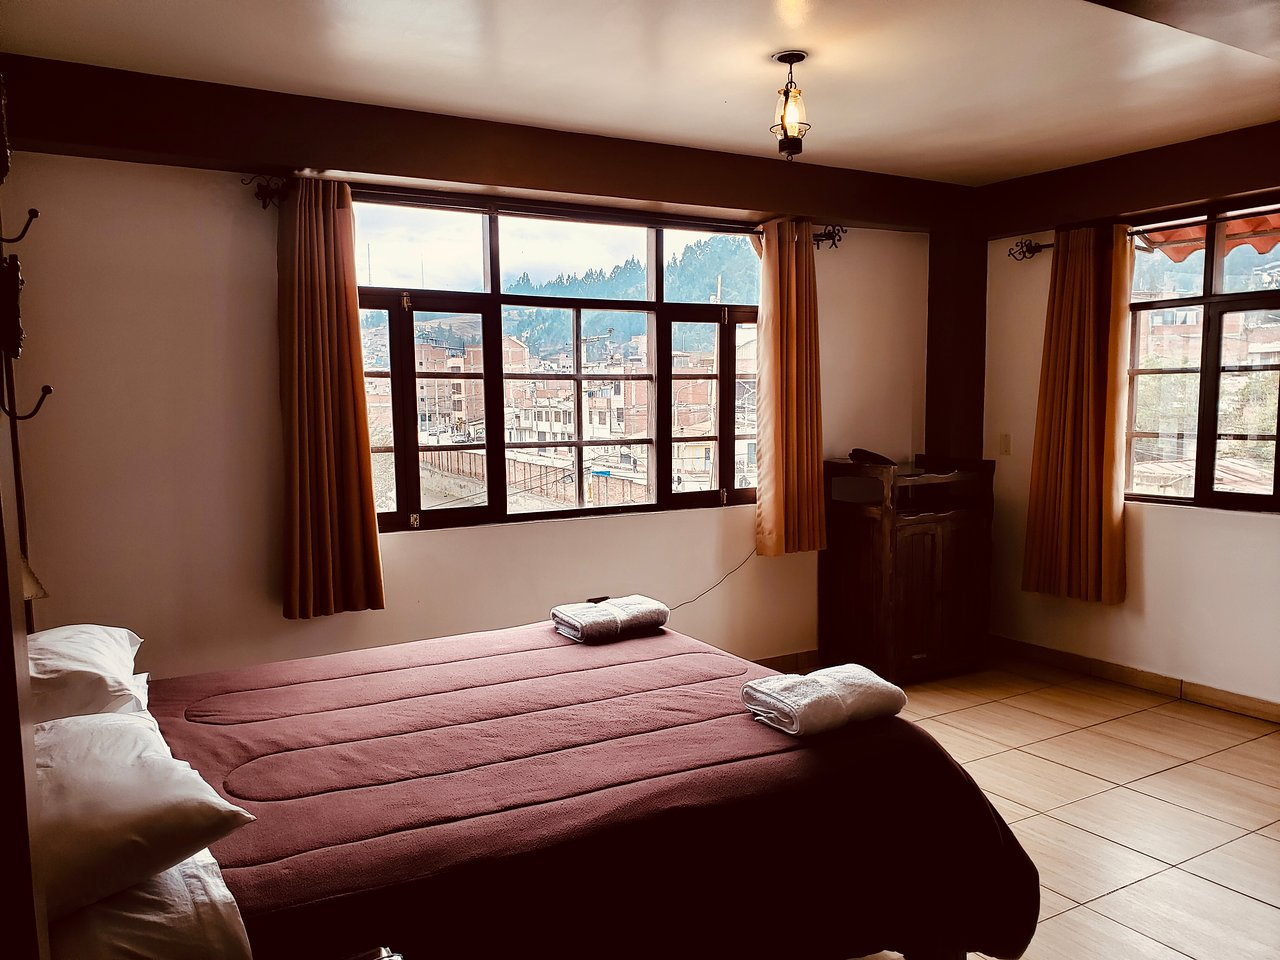 HOTEL HUARAZ & LODGING: 20 fotos, comparação de preços e avaliações